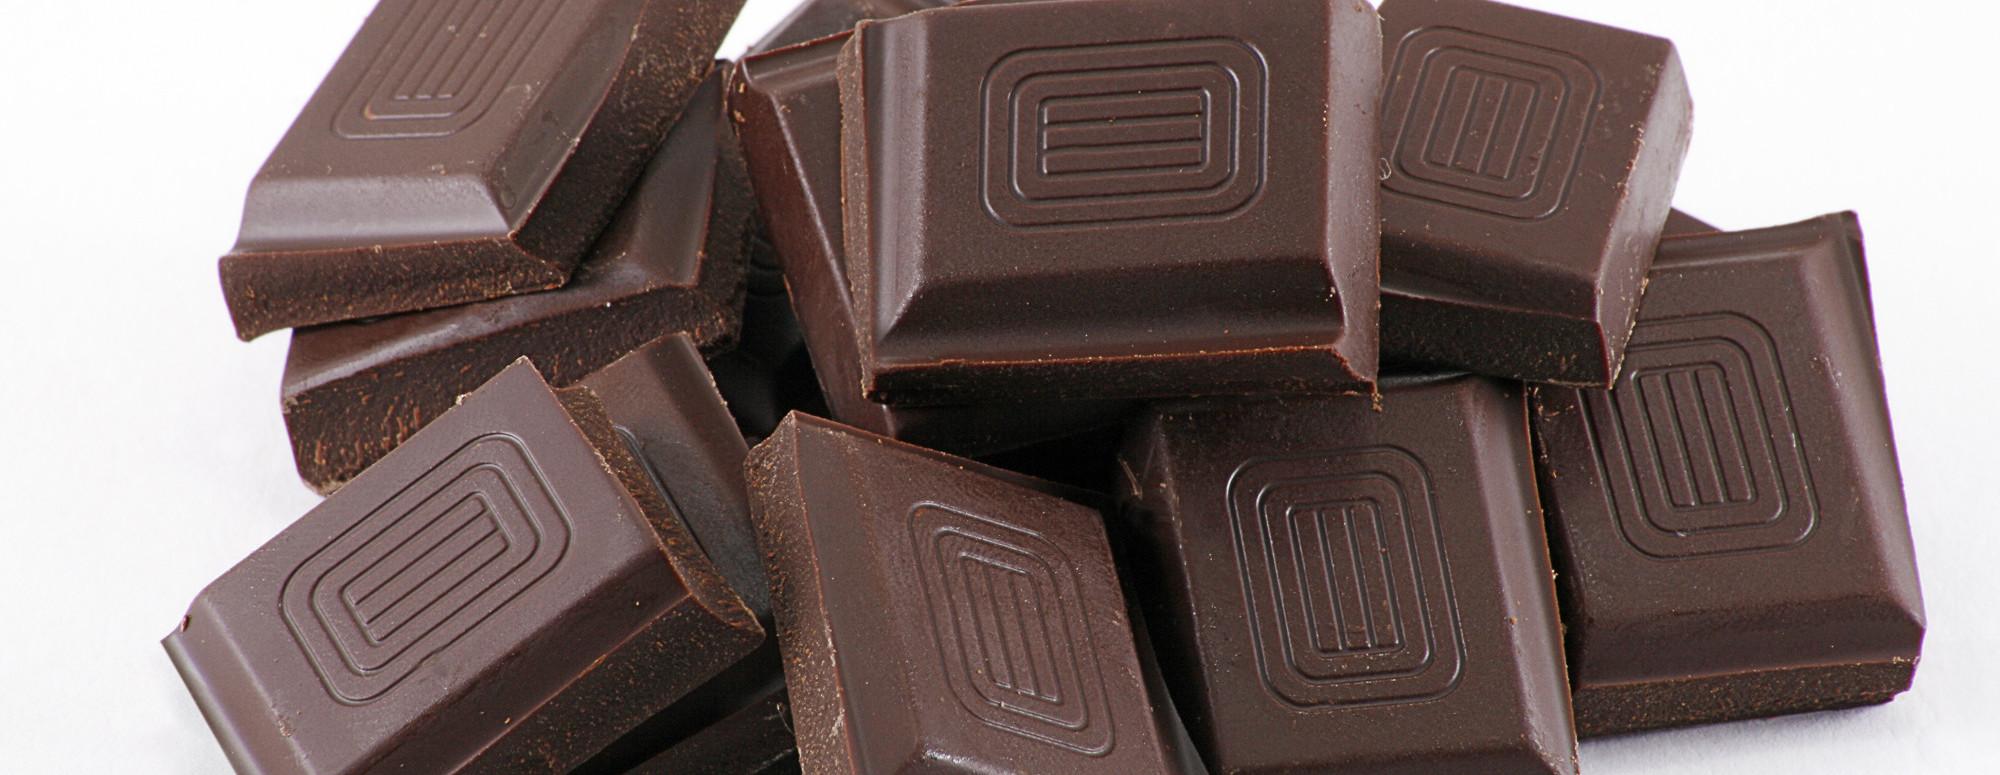 o-DARK-CHOCOLATE-BAR-facebook